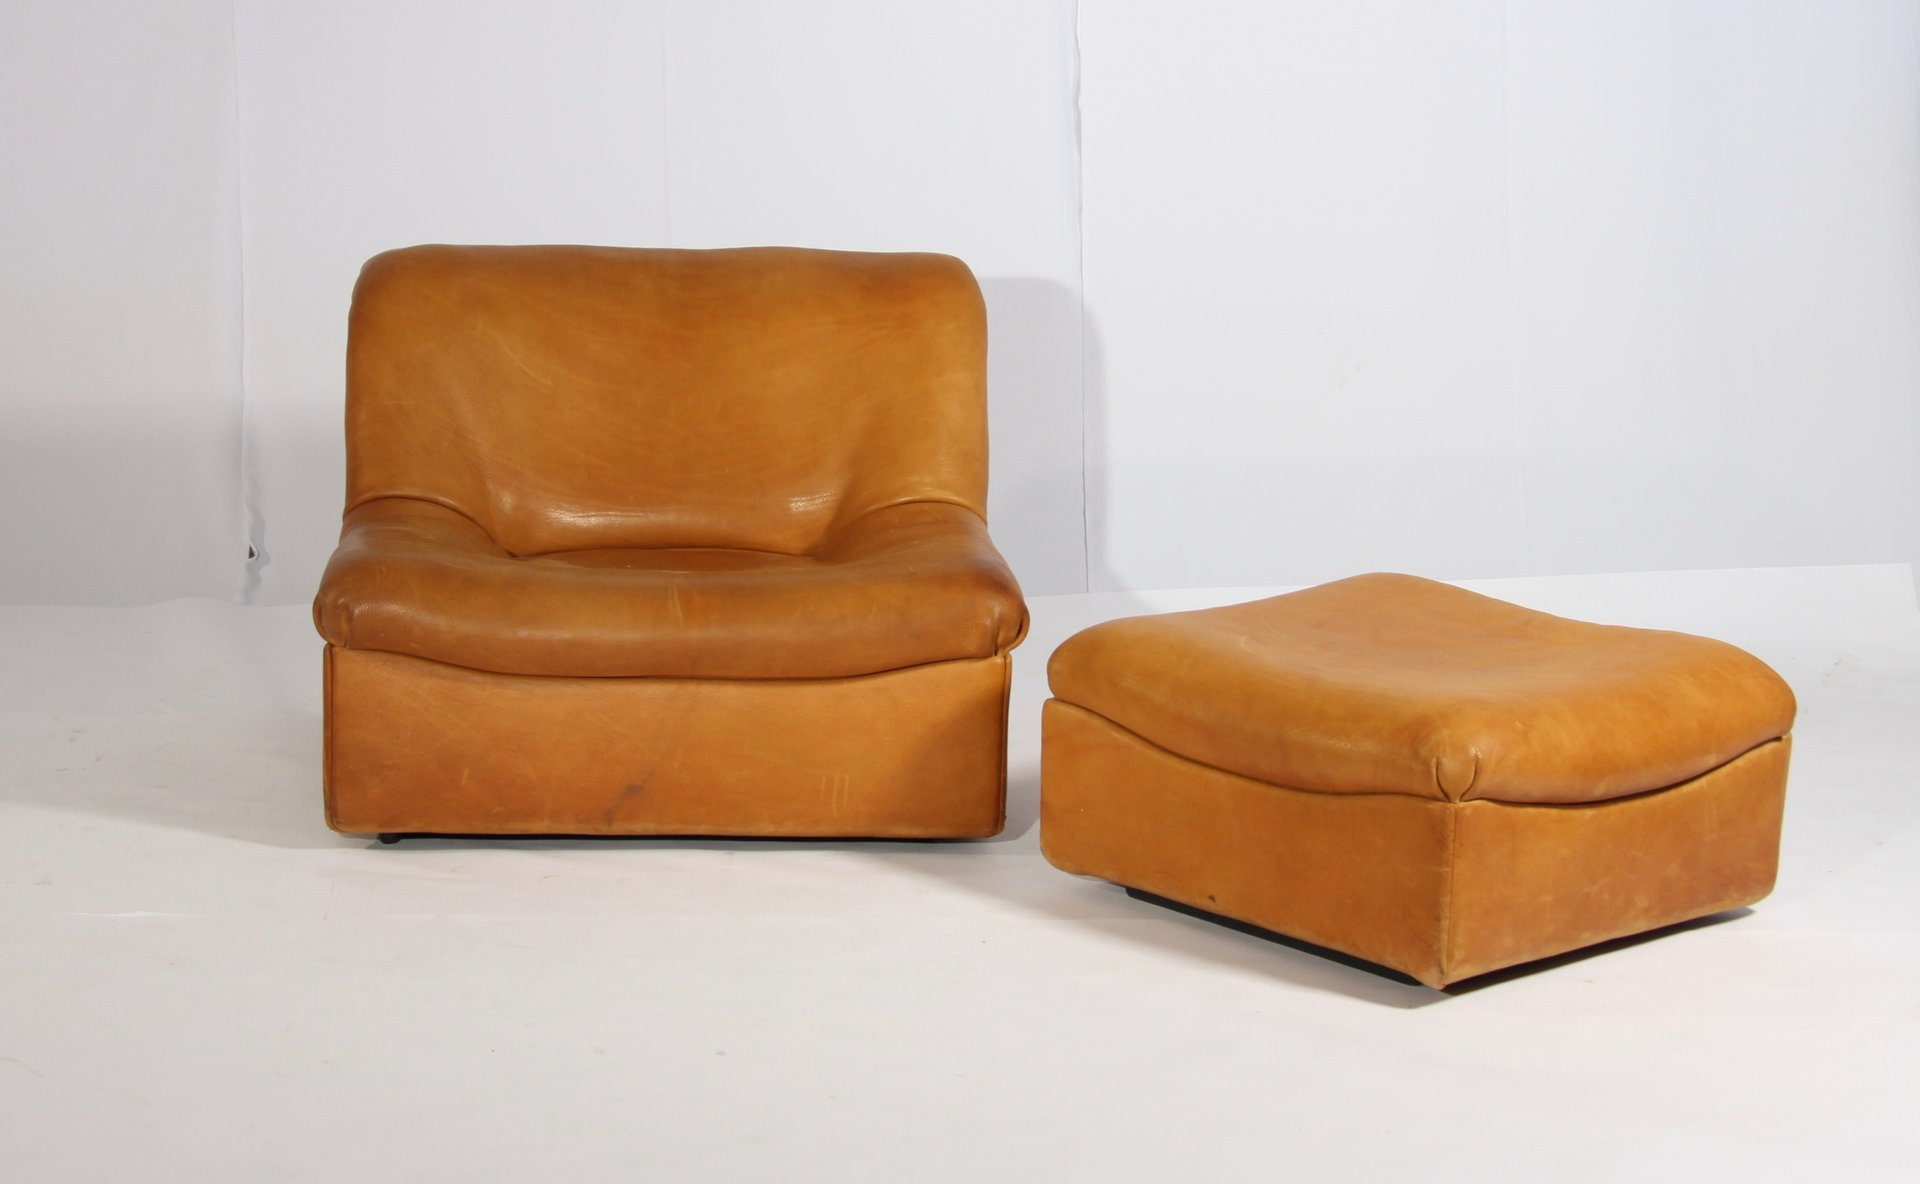 ds 46 sessel und hocker aus b ffelleder von de sede 1970er bei pamono kaufen. Black Bedroom Furniture Sets. Home Design Ideas